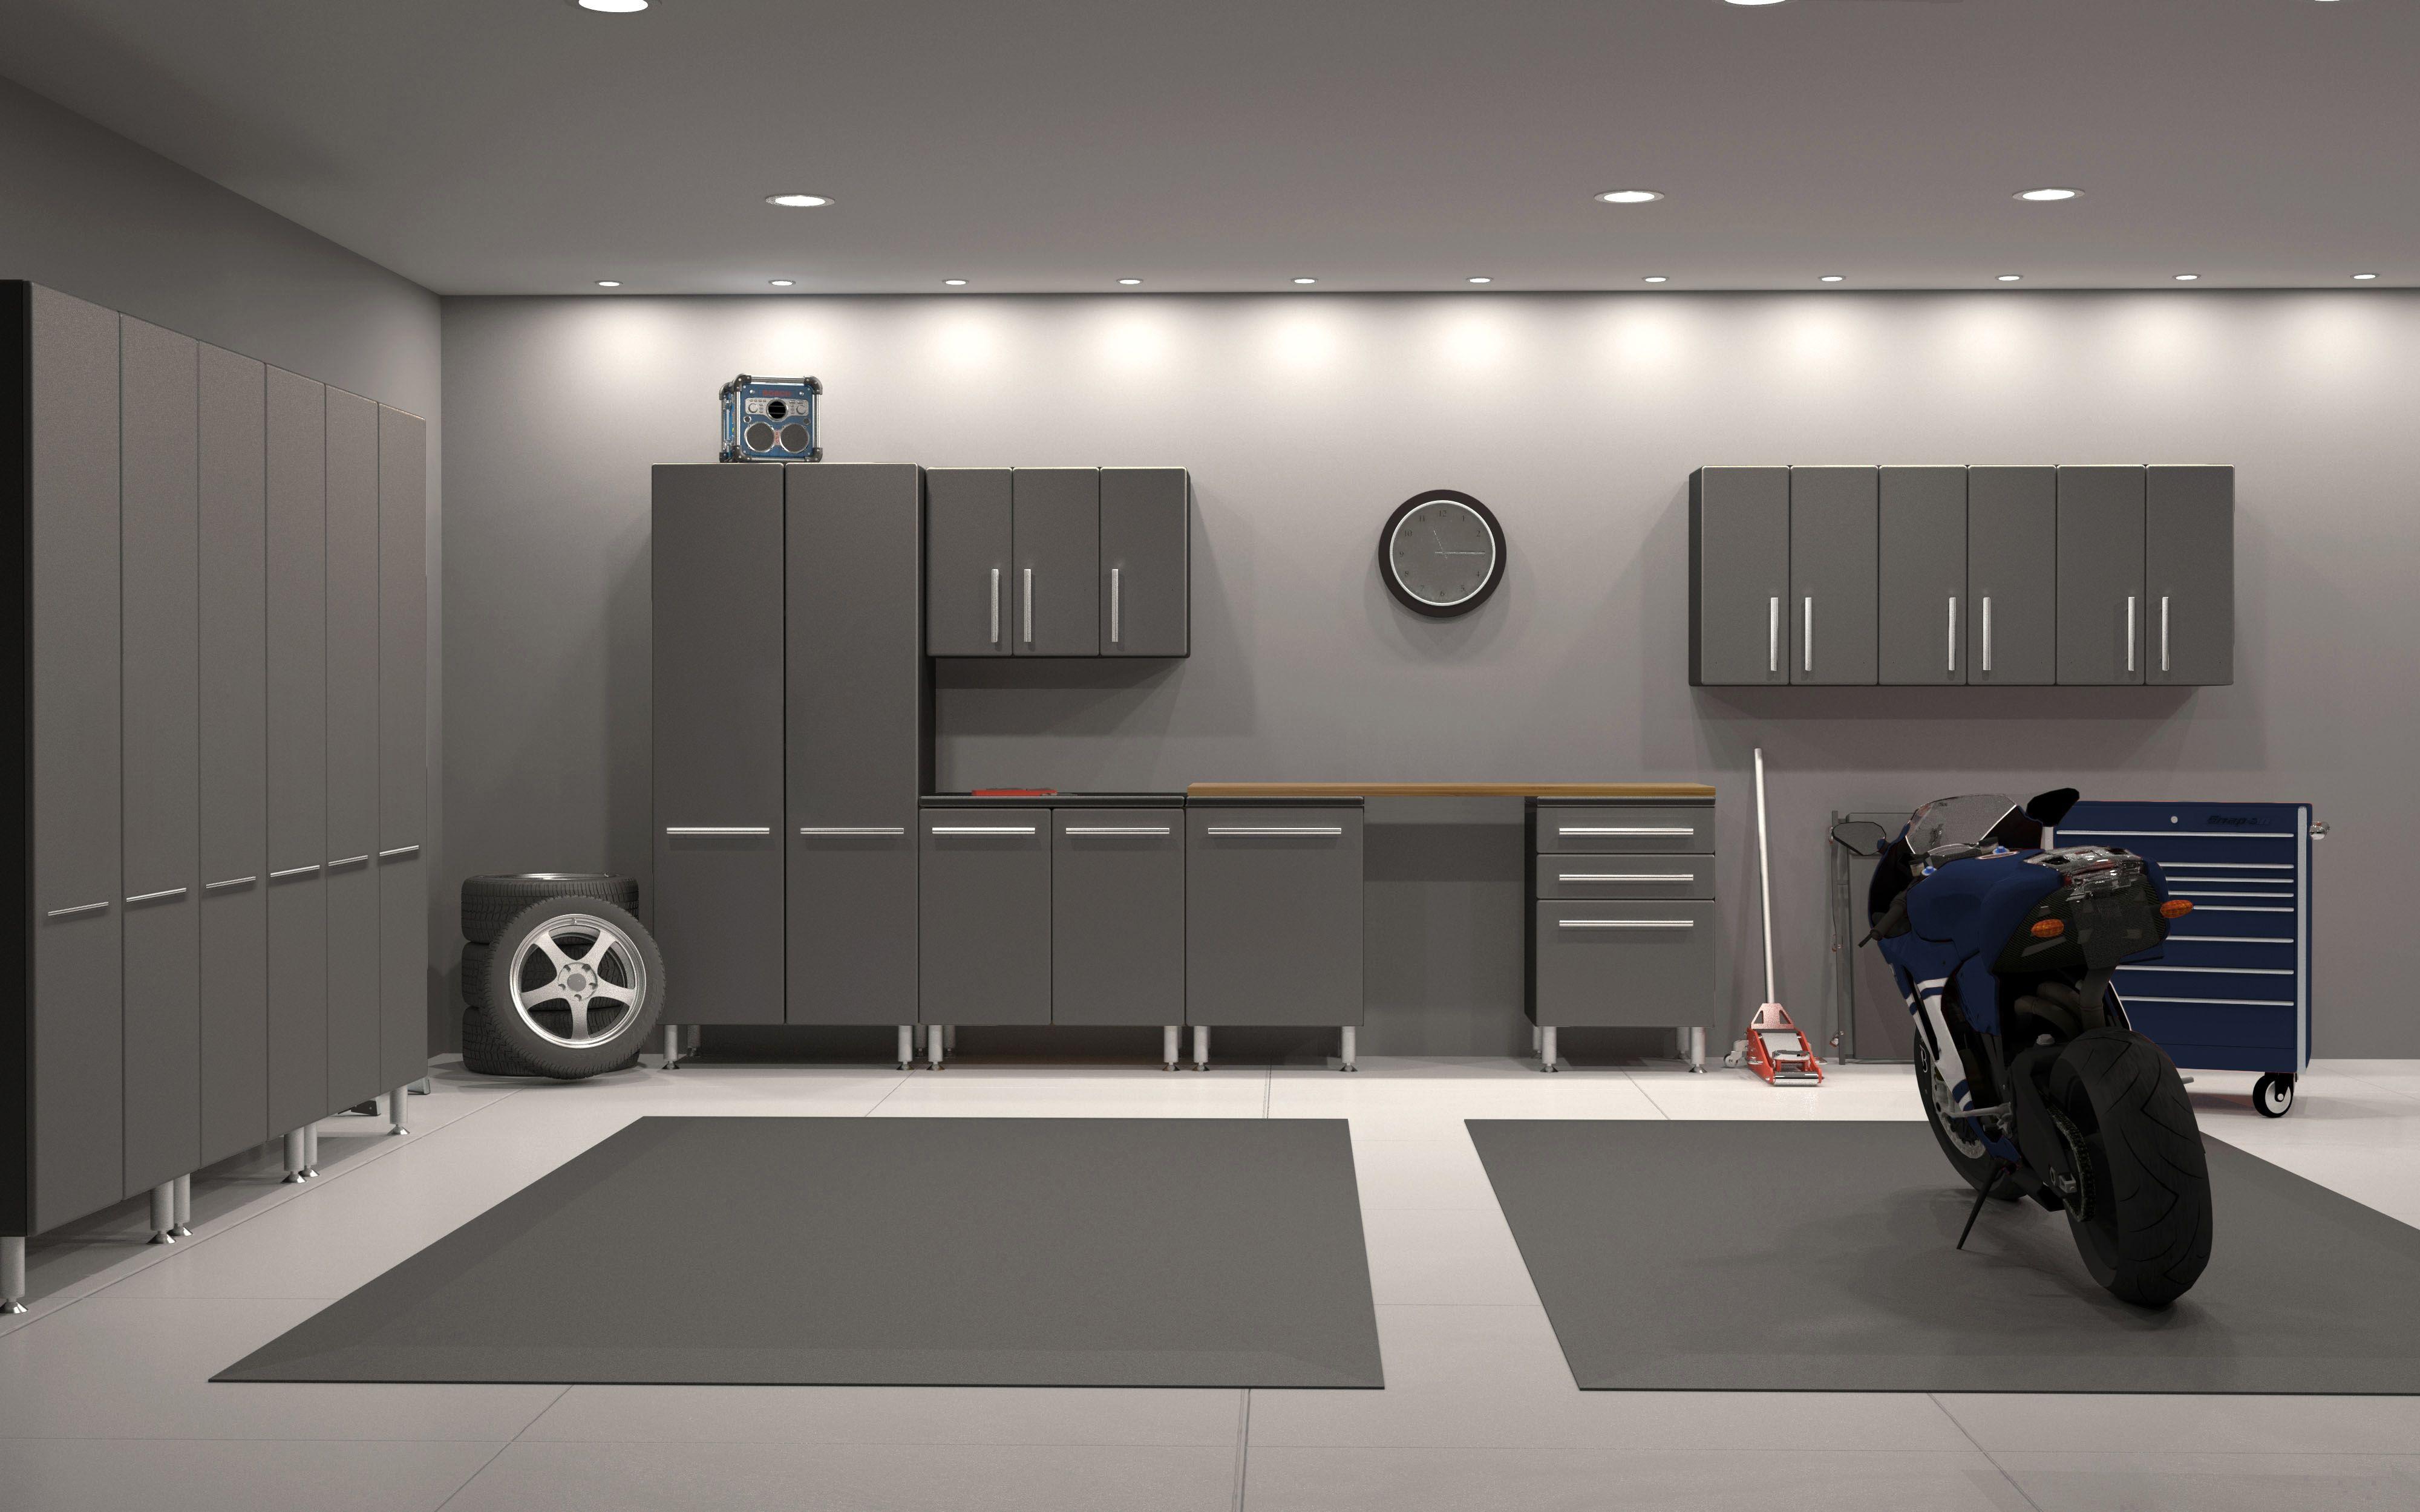 Pin On Garages